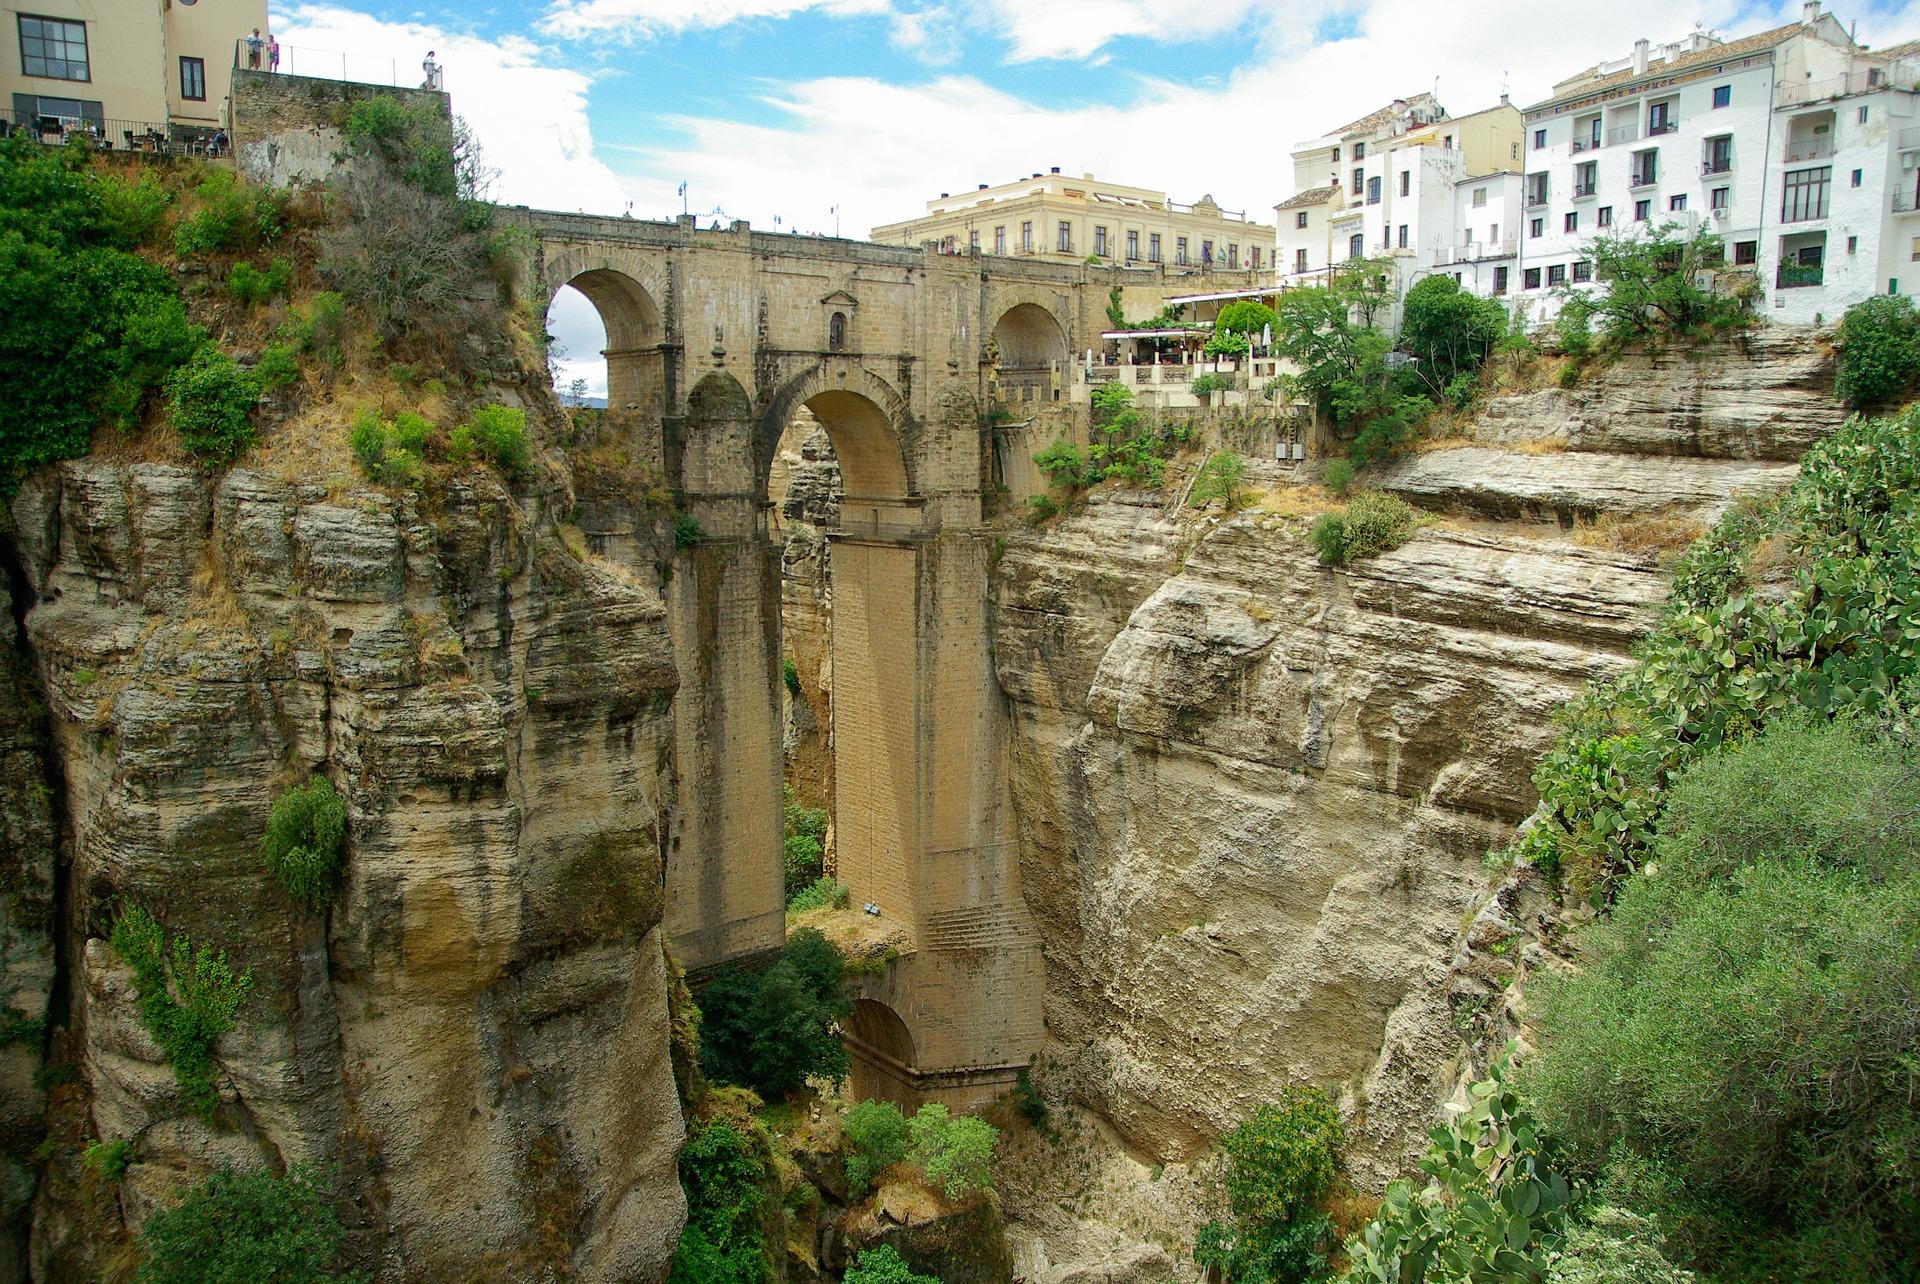 Ronda ist bekannt für seine architektonisch einzigartige Brücke, die beide Stadtteile vereint